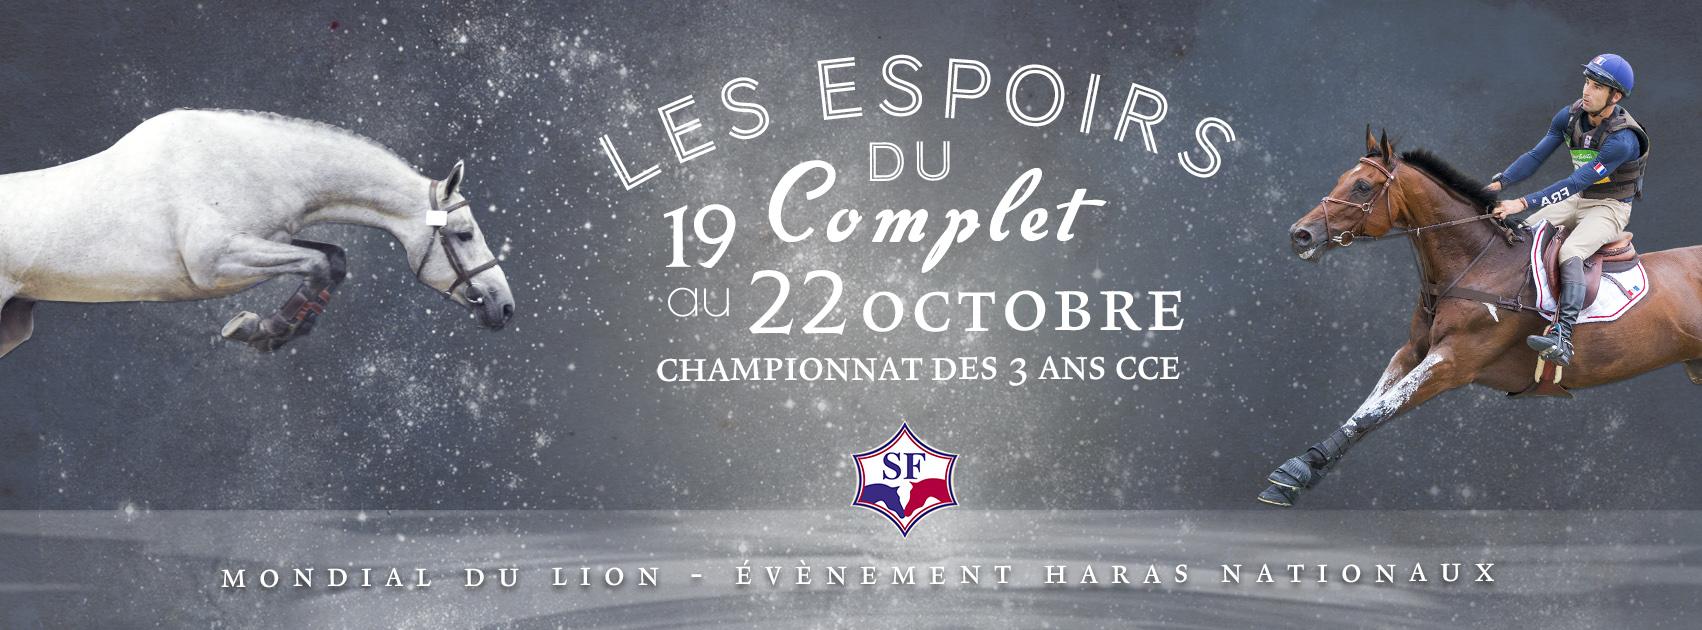 """Résultats de la 1ère édition des """"Espoirs du Complet"""" - Championnat de France des 3 ans CCE"""